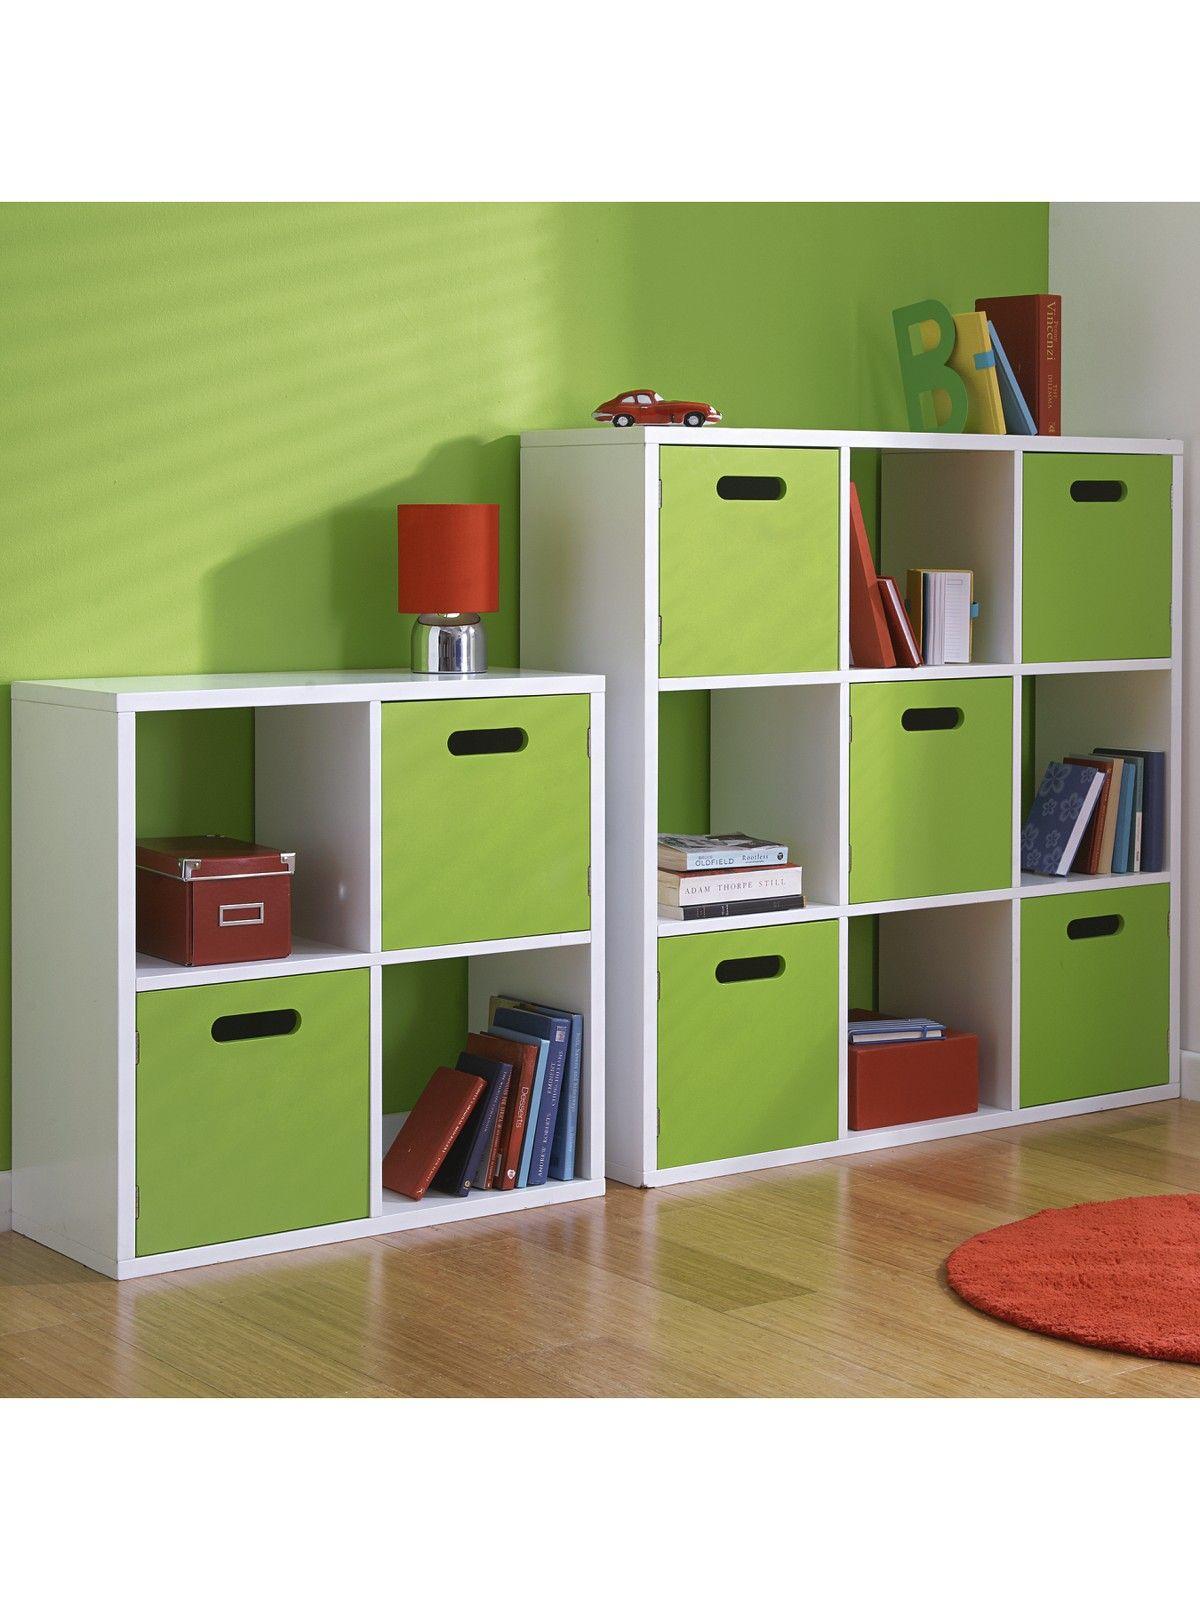 Kidspace Kube 3 x 3 Shelf and Cupboard Storage Unit  sc 1 st  Pinterest & Kidspace Kube 3 x 3 Shelf and Cupboard Storage Unit | Kids units ...